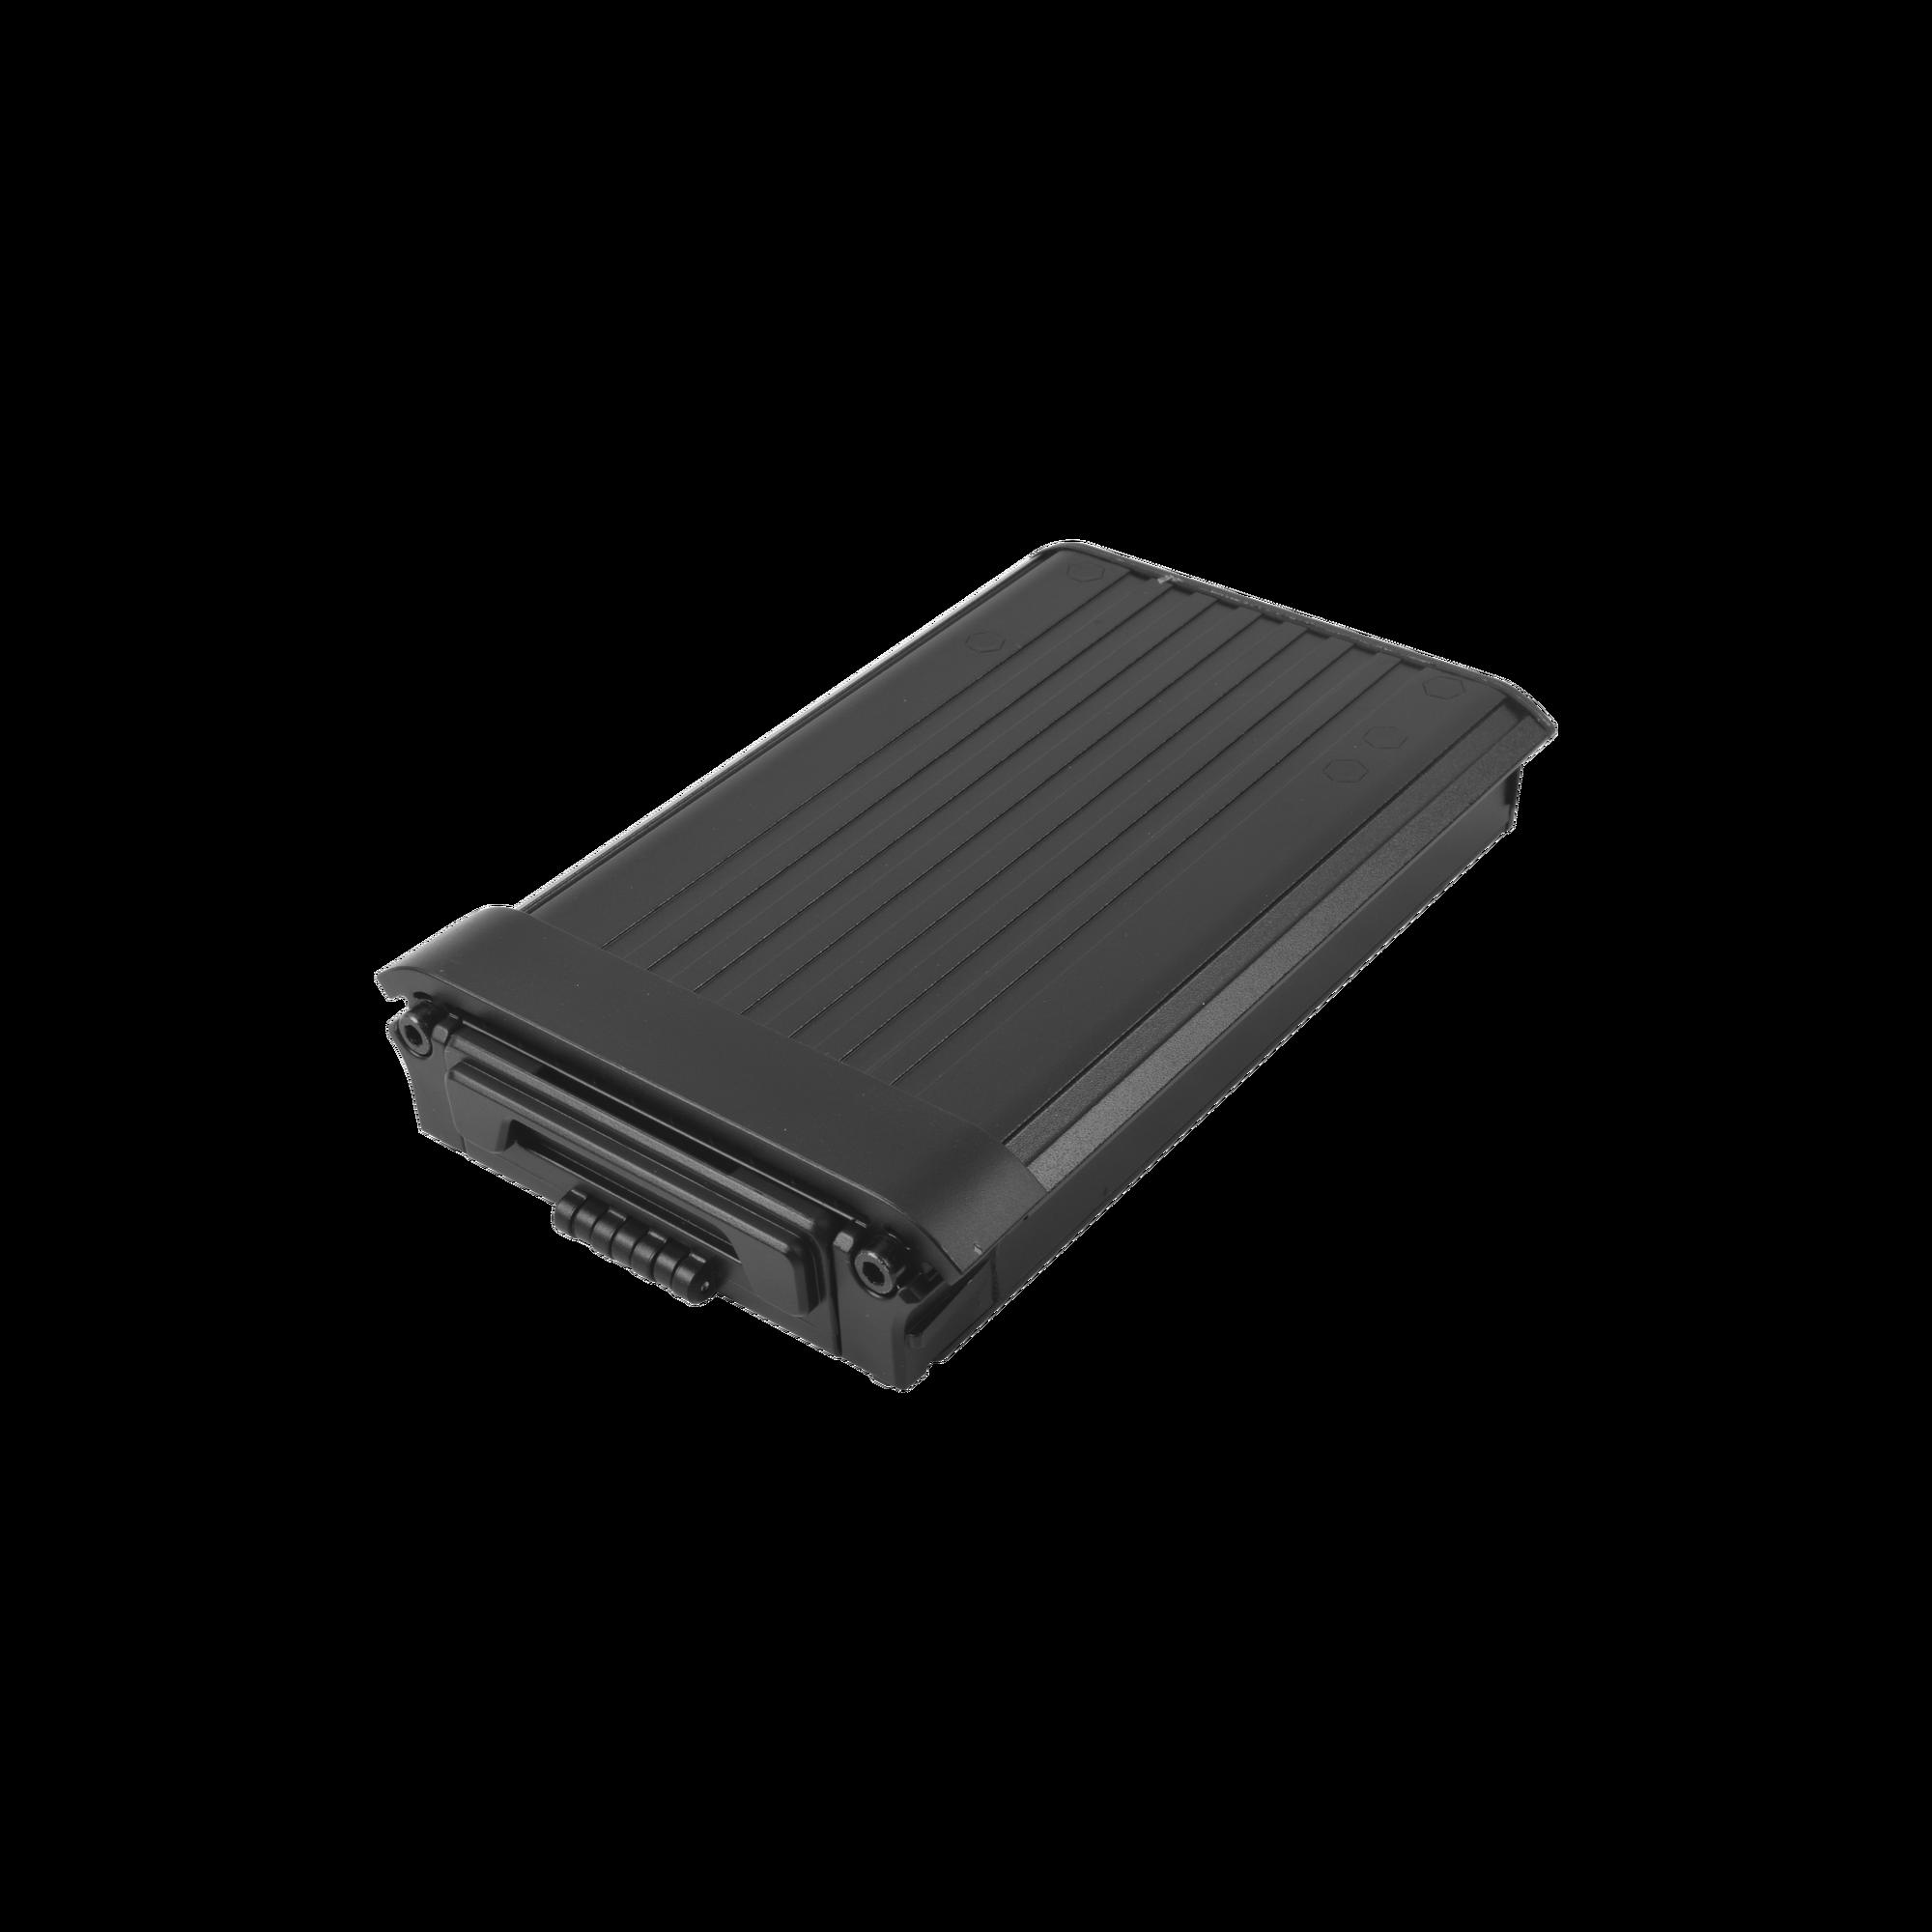 Carcasa extra para disco duro de DVR XMR404HD